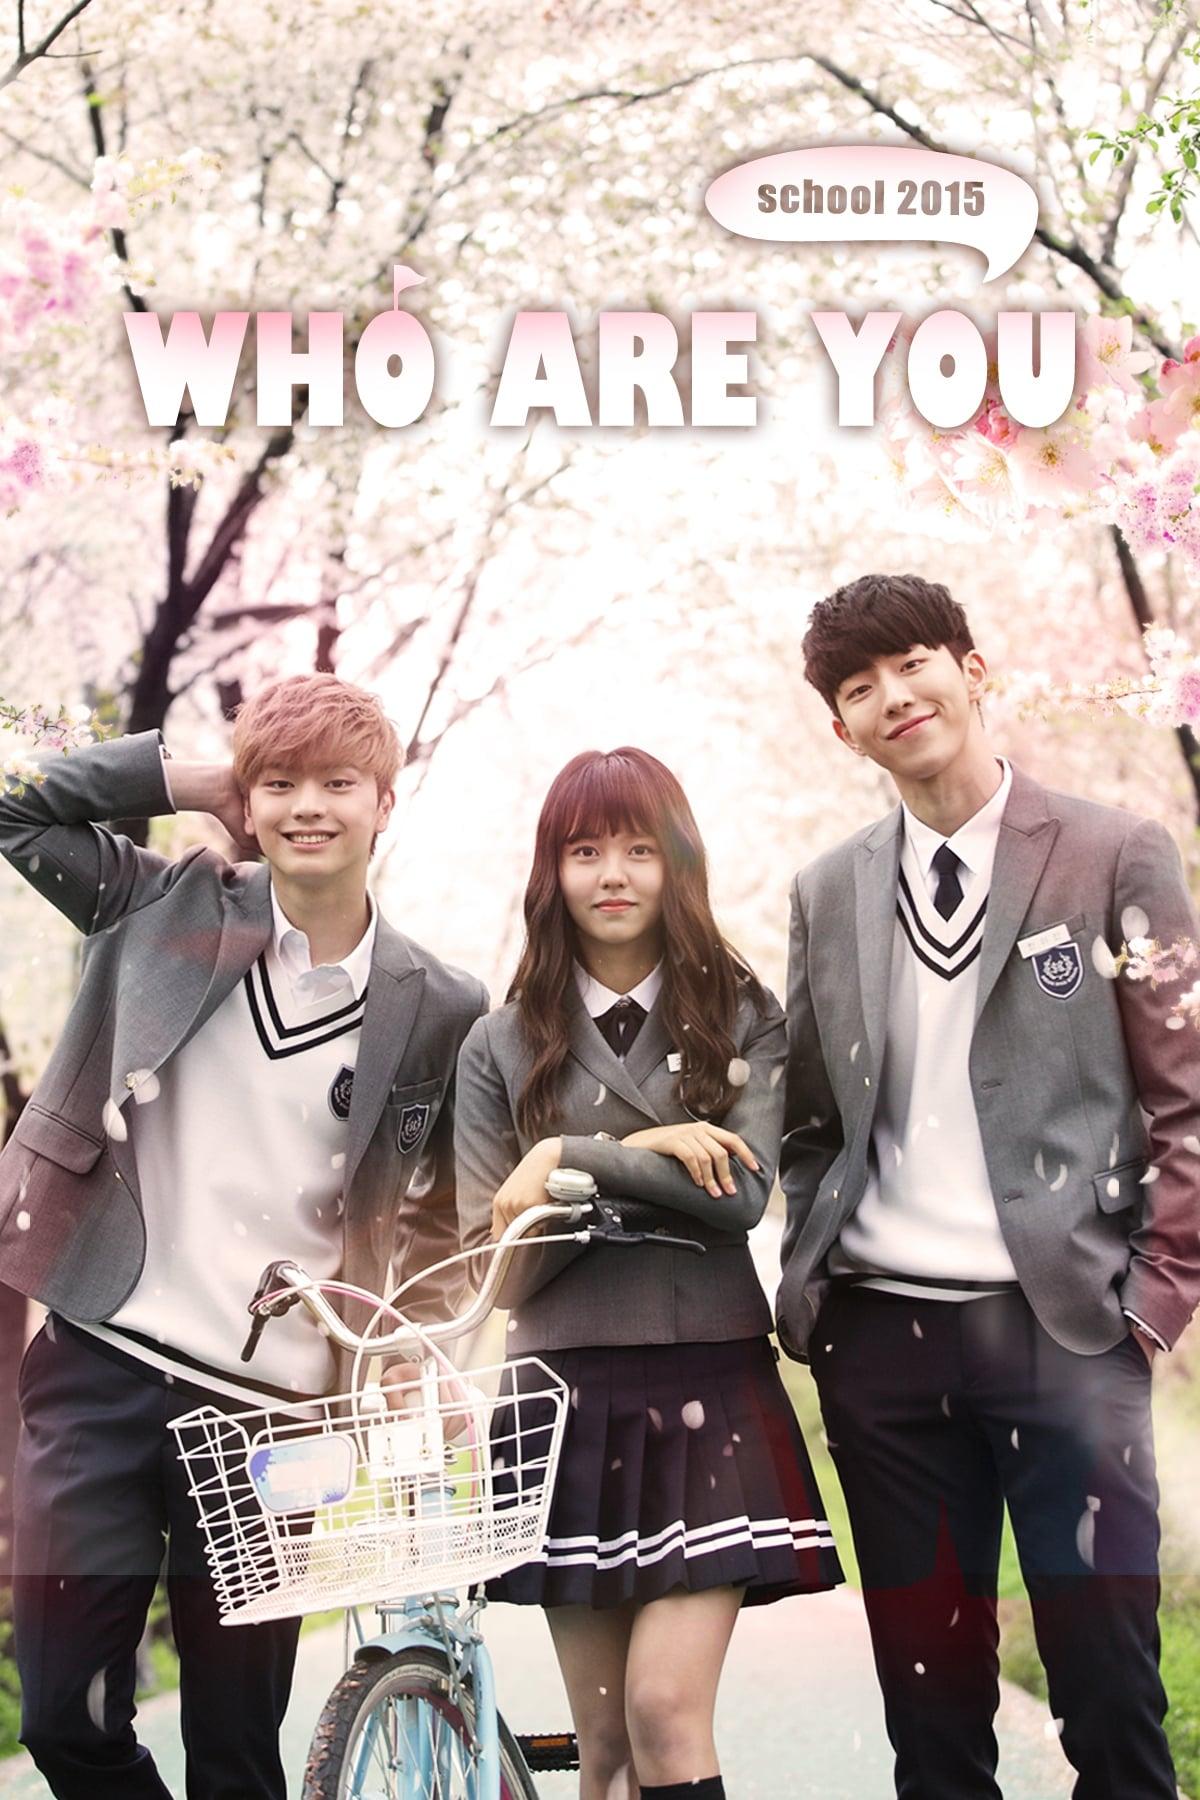 후아유 - 학교 2015 series tv complet